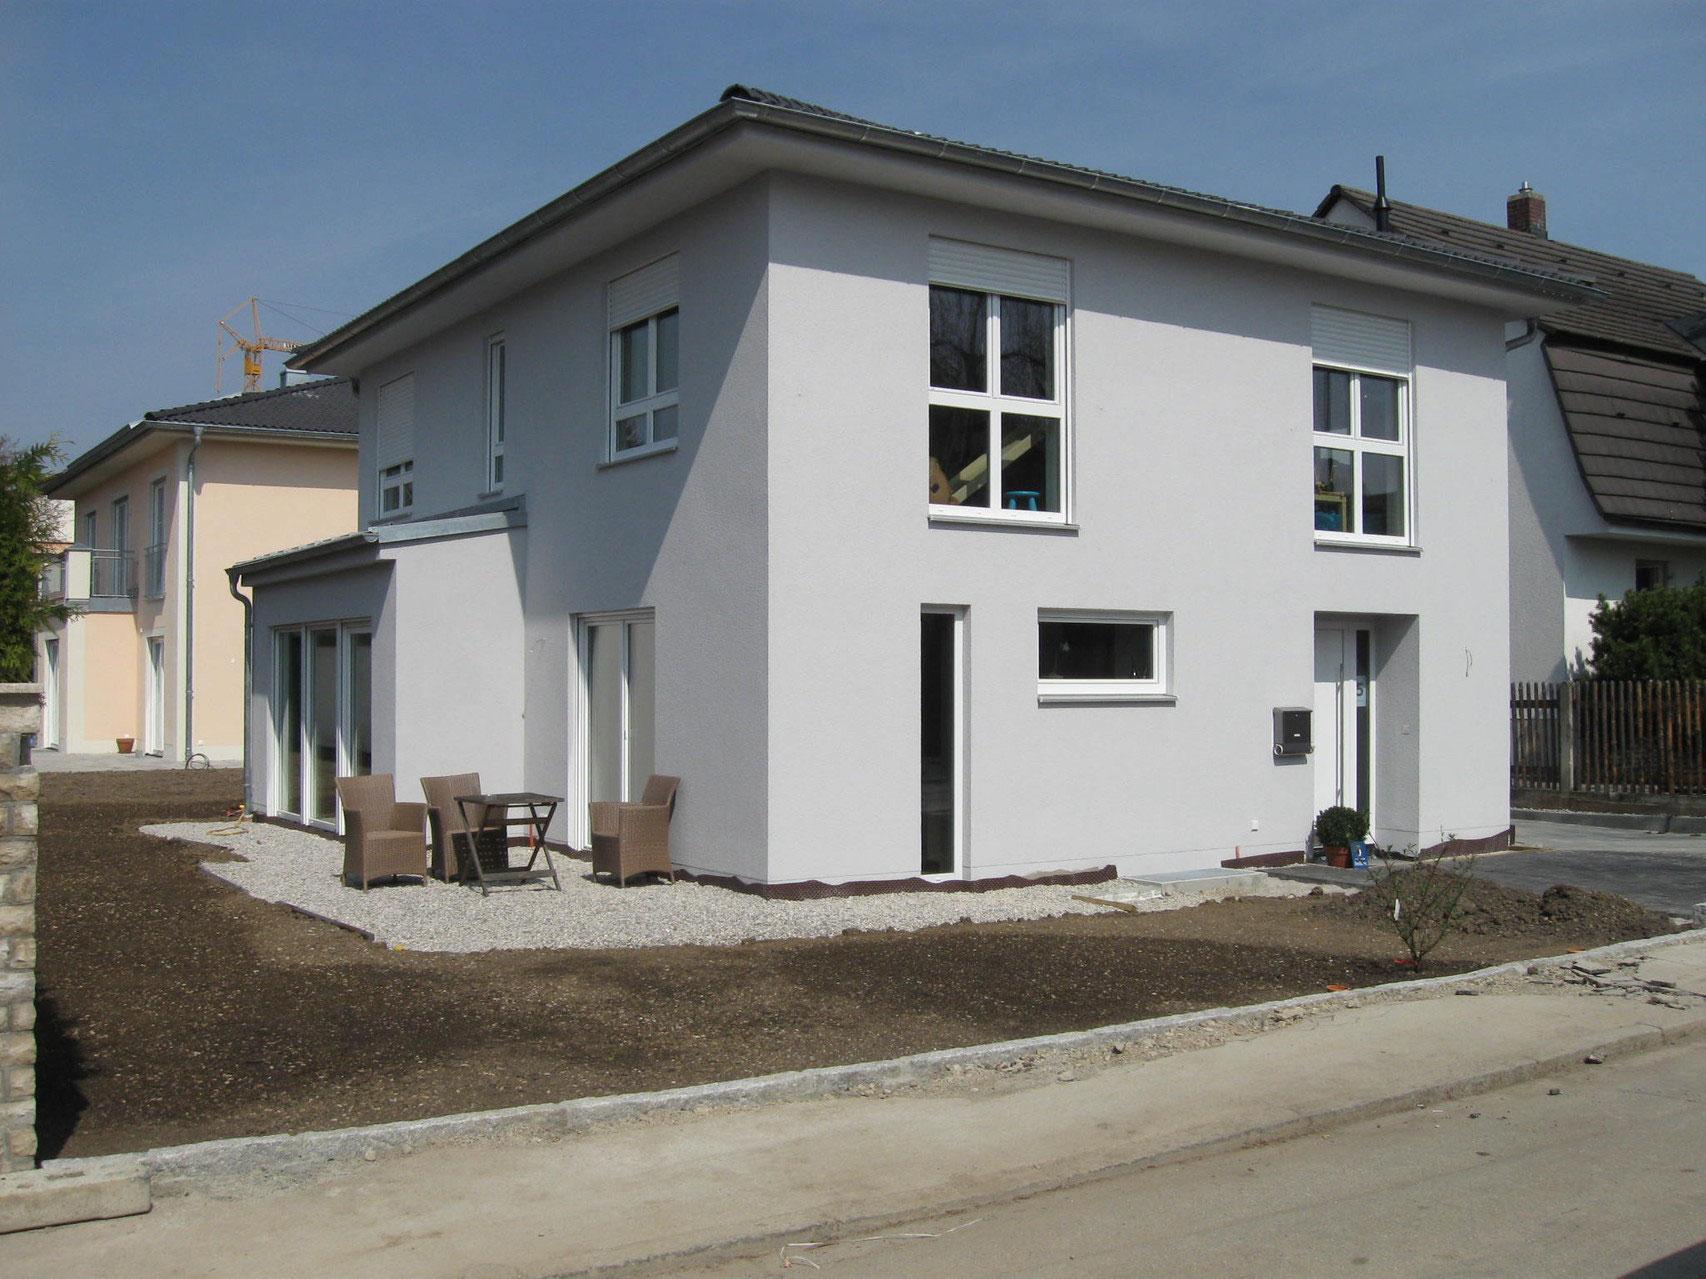 referenzen neubau wohnungen und h user michael rost immobilienprojekte. Black Bedroom Furniture Sets. Home Design Ideas